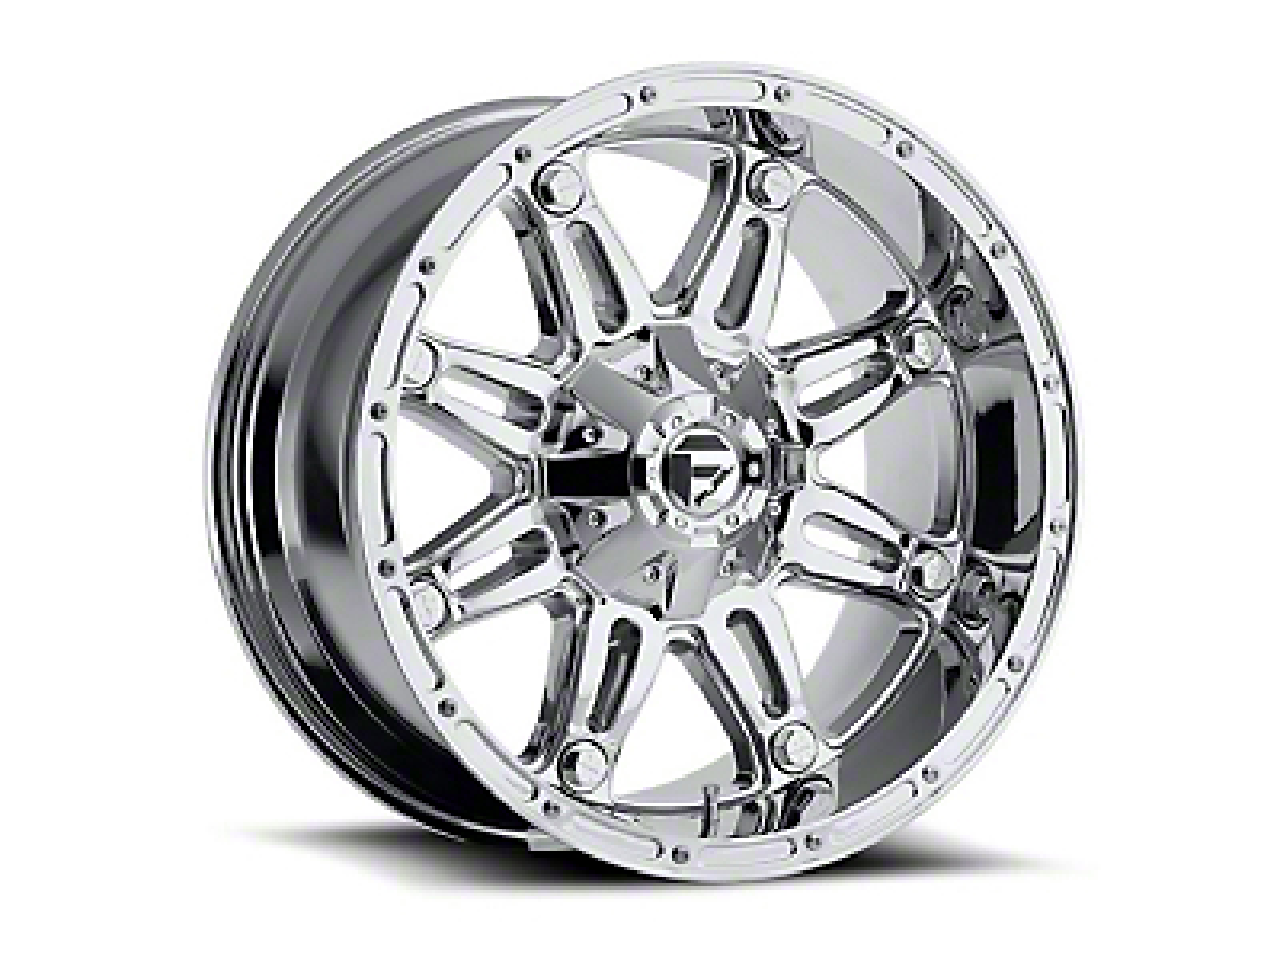 Fuel Wheels Hostage Chrome 6-Lug Wheel - 22x14 (07-18 Sierra 1500)